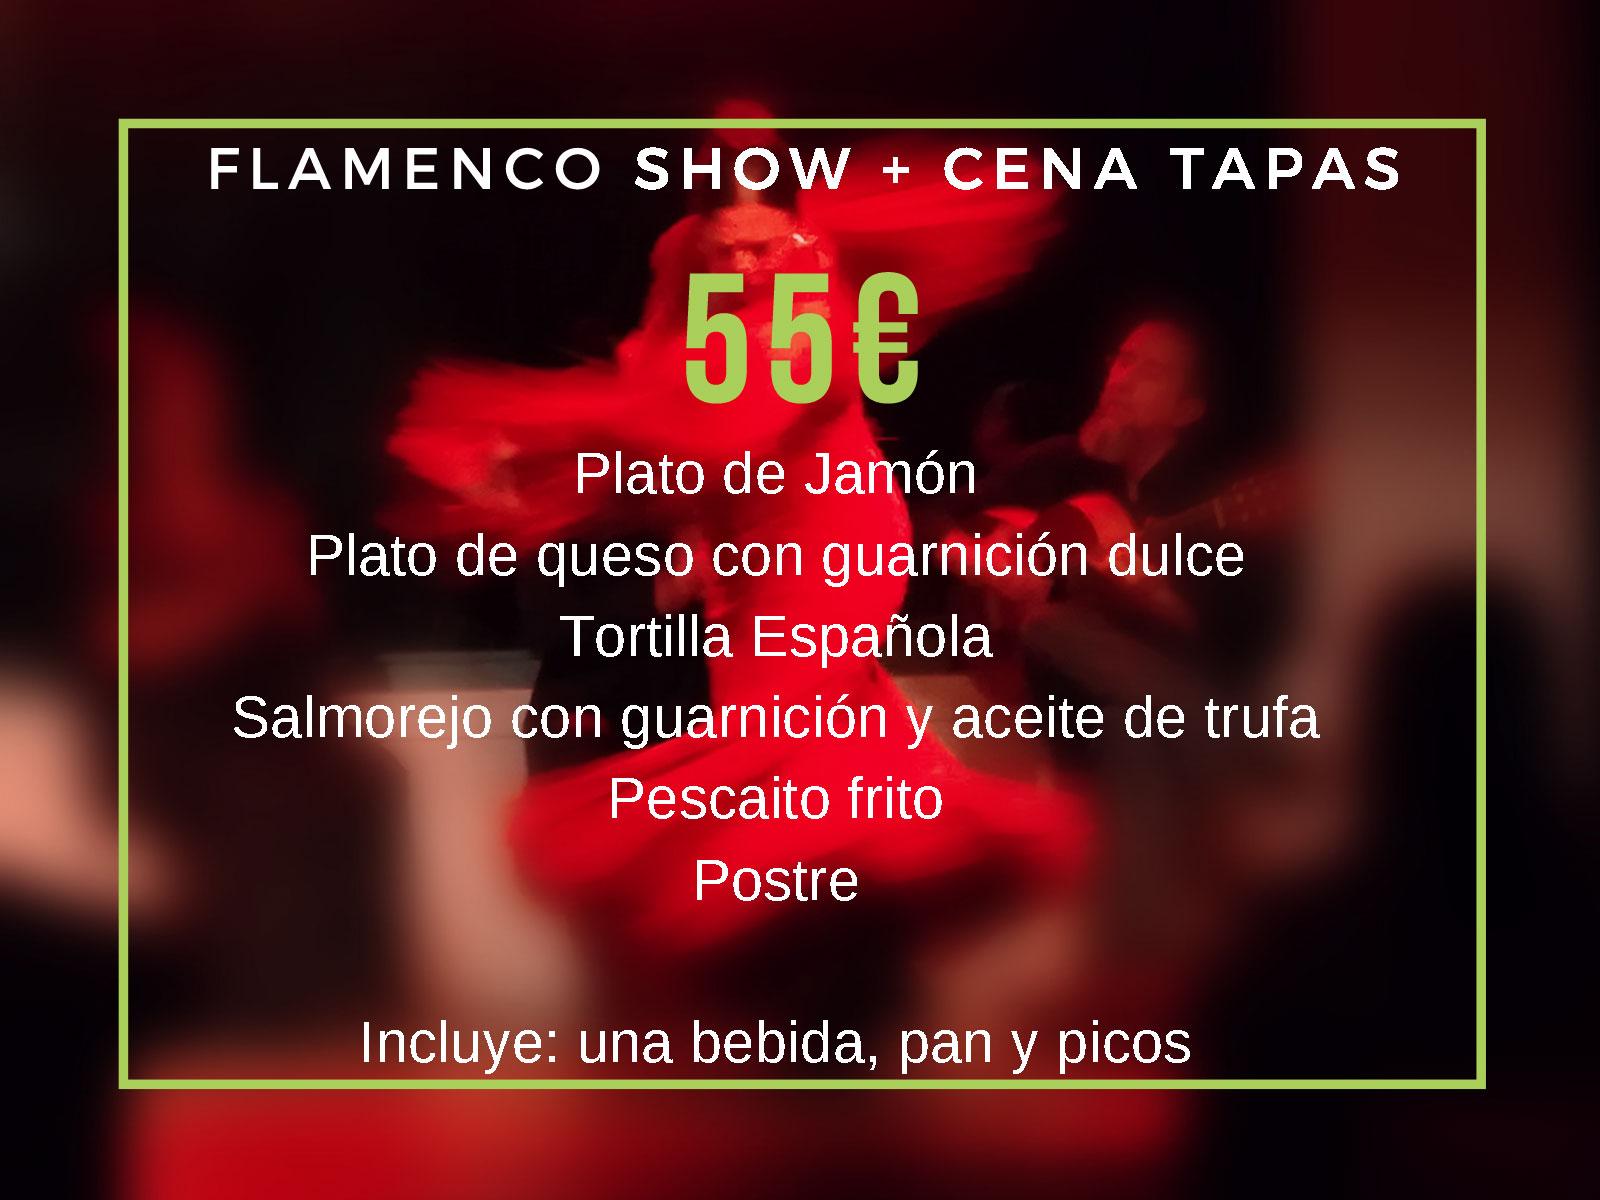 Flamenco show + cena tapas